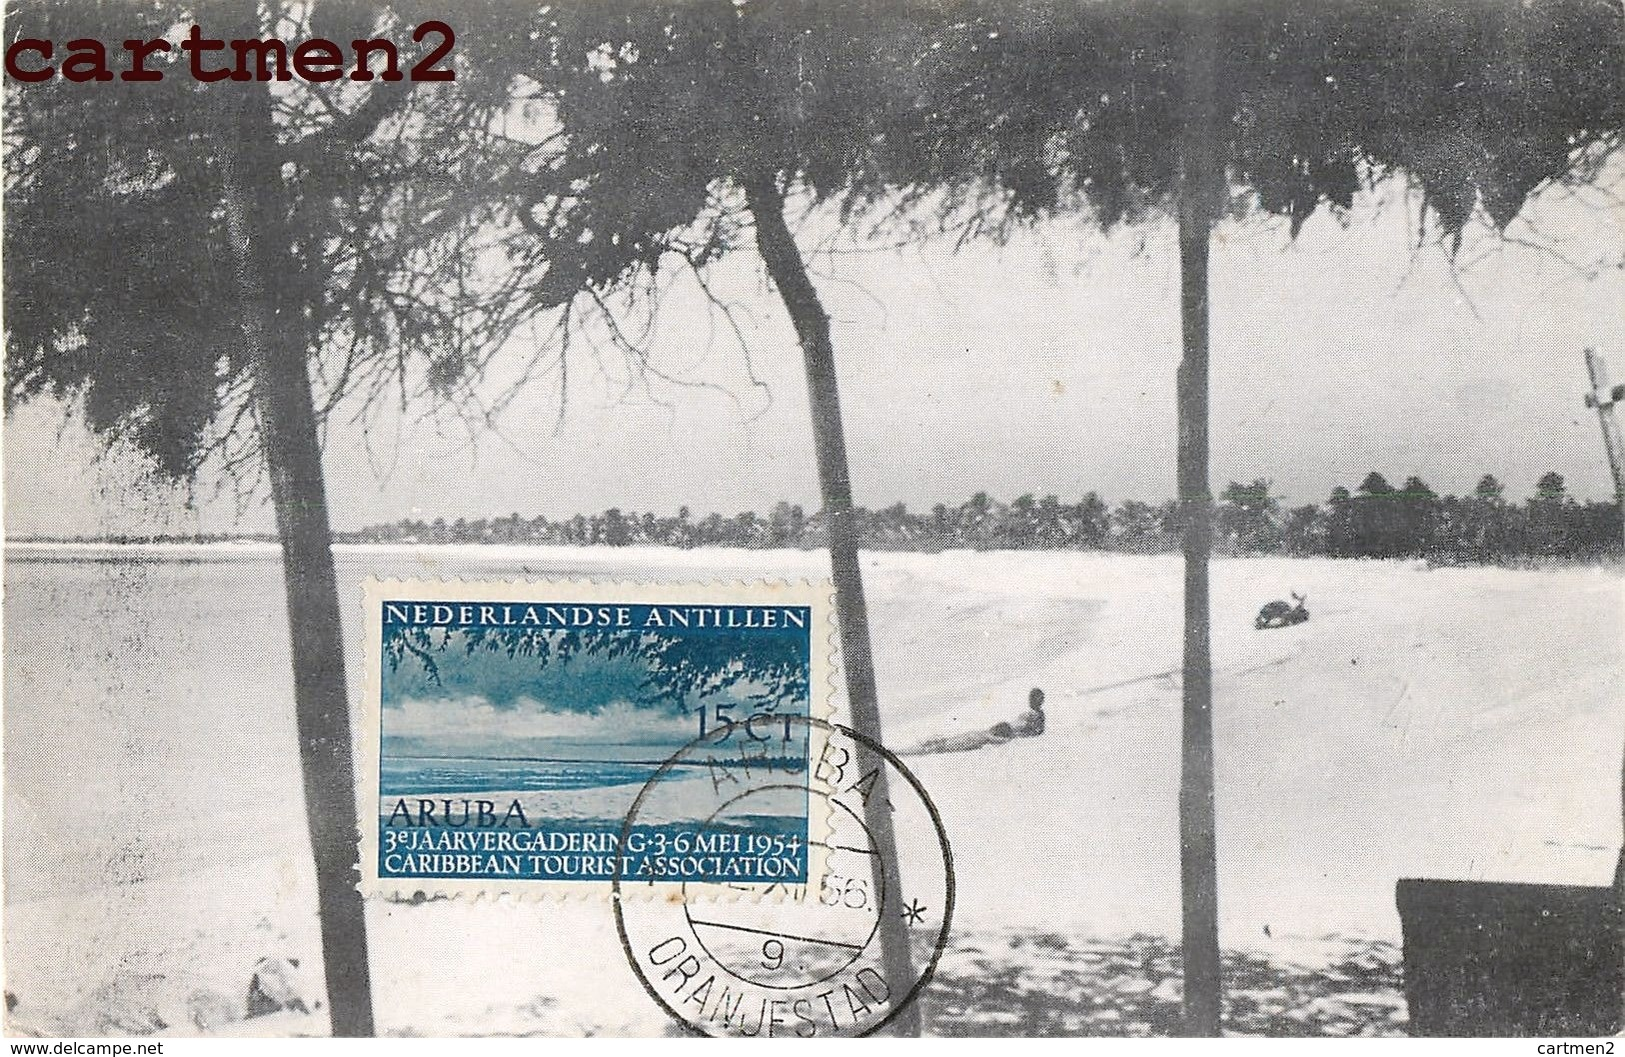 Aruba Niederländische Antillen Antilles Venezuela Stamp Oranjestad - Venezuela